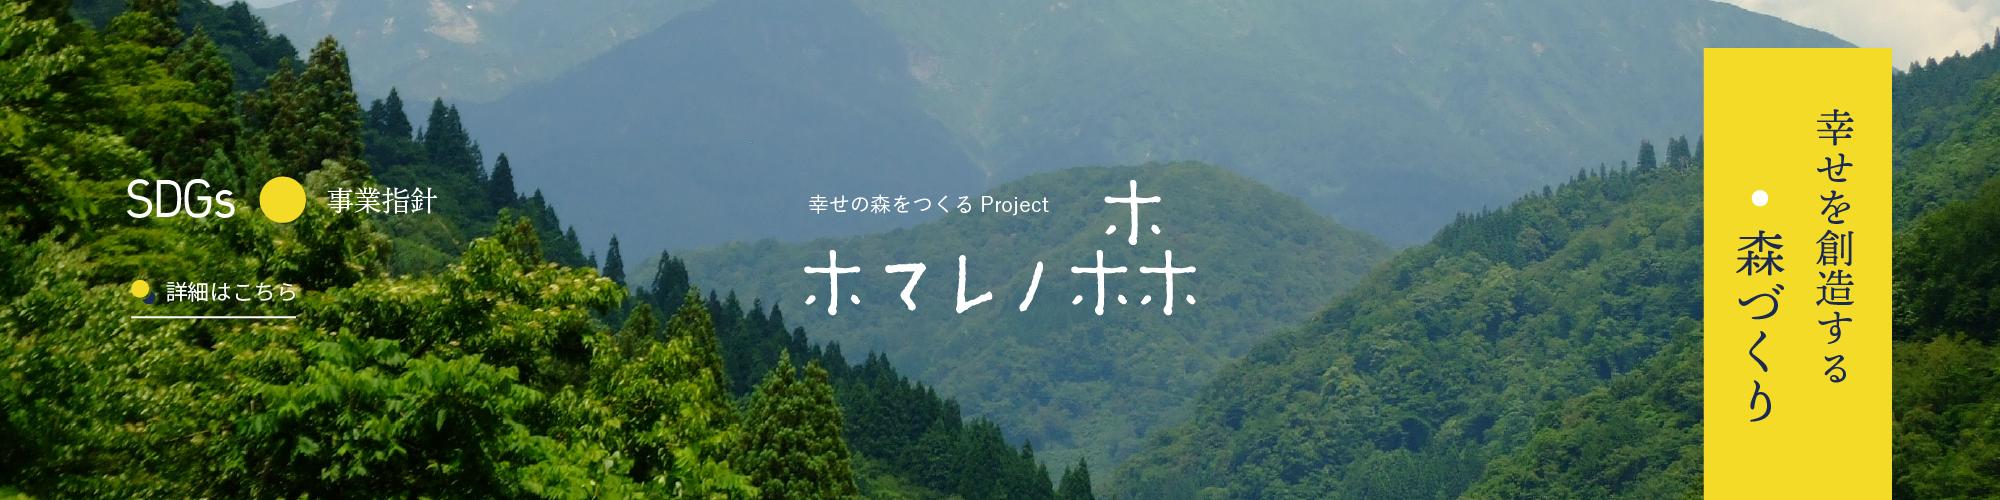 ホマレの森プロジェクト